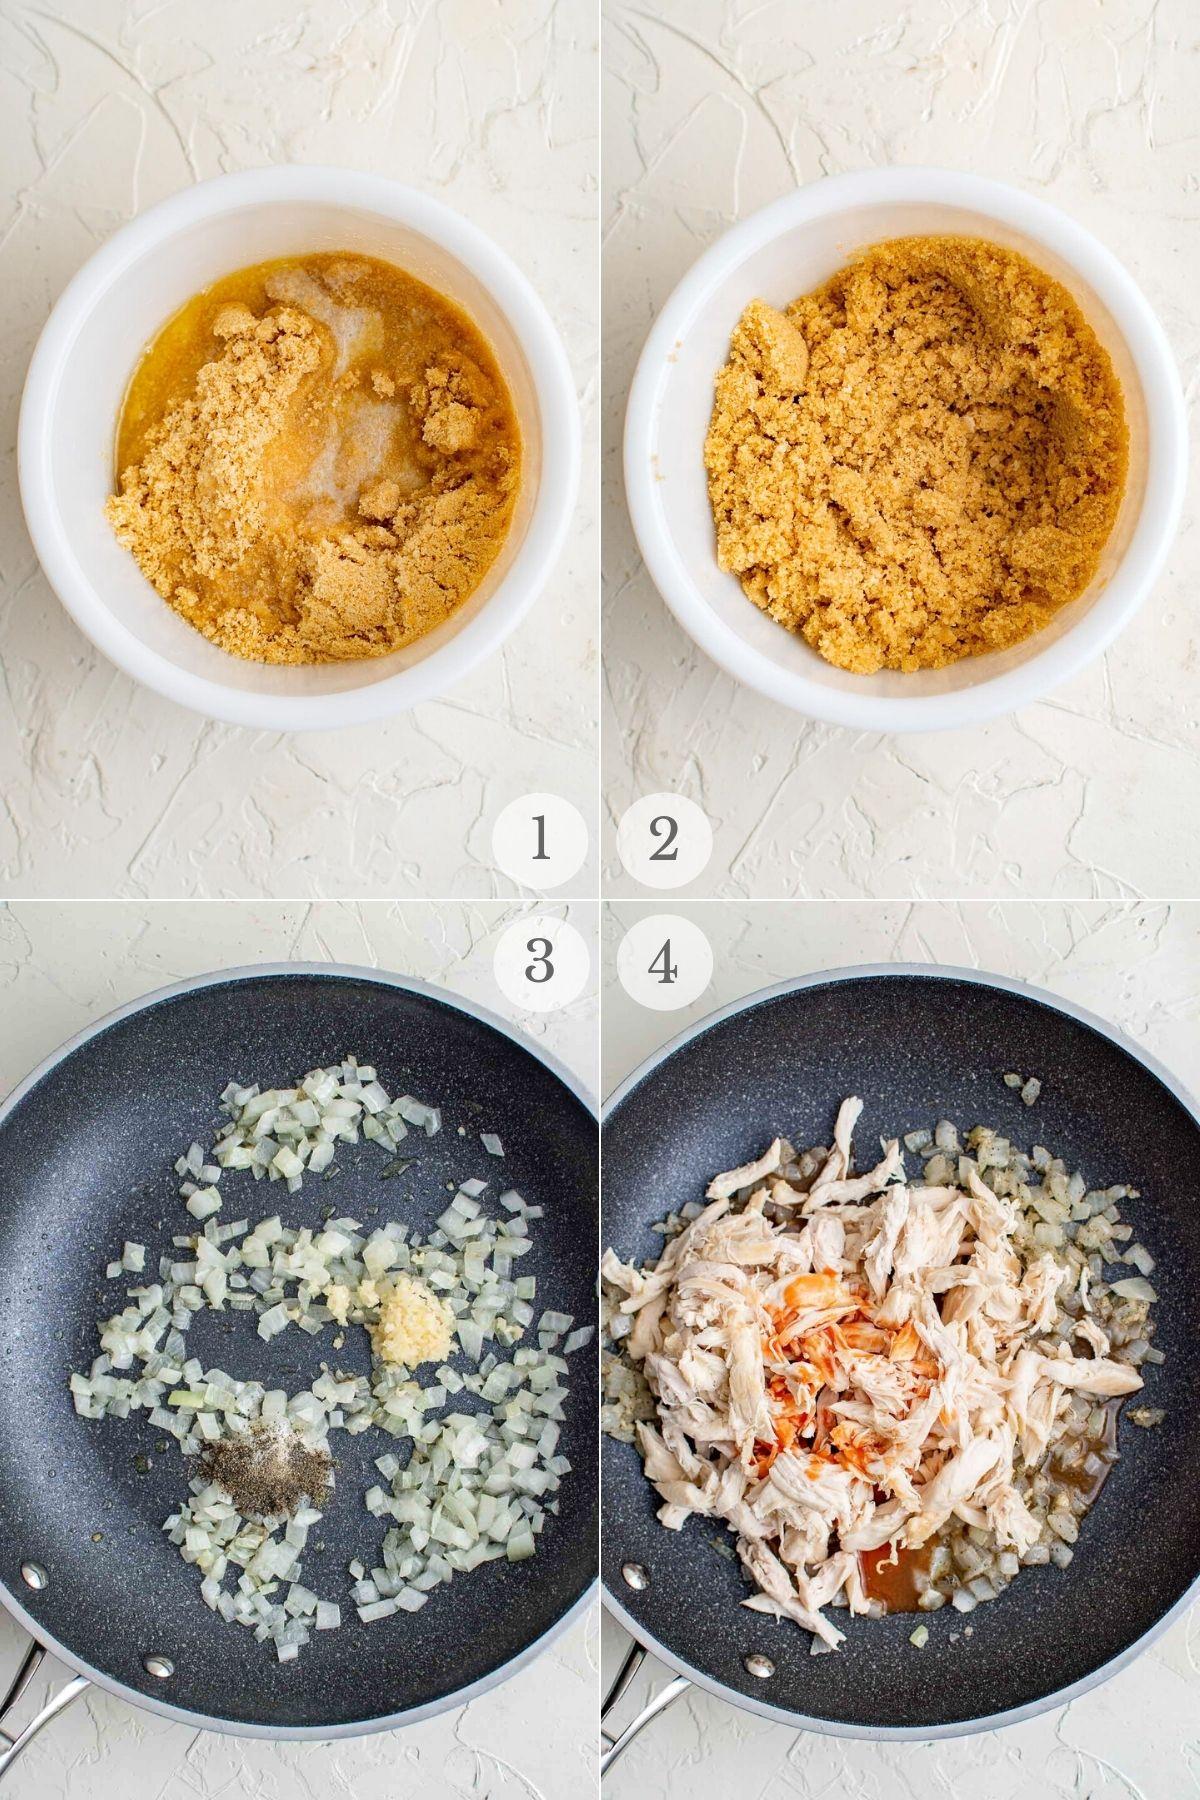 buffalo chicken pasta recipe steps 1-4